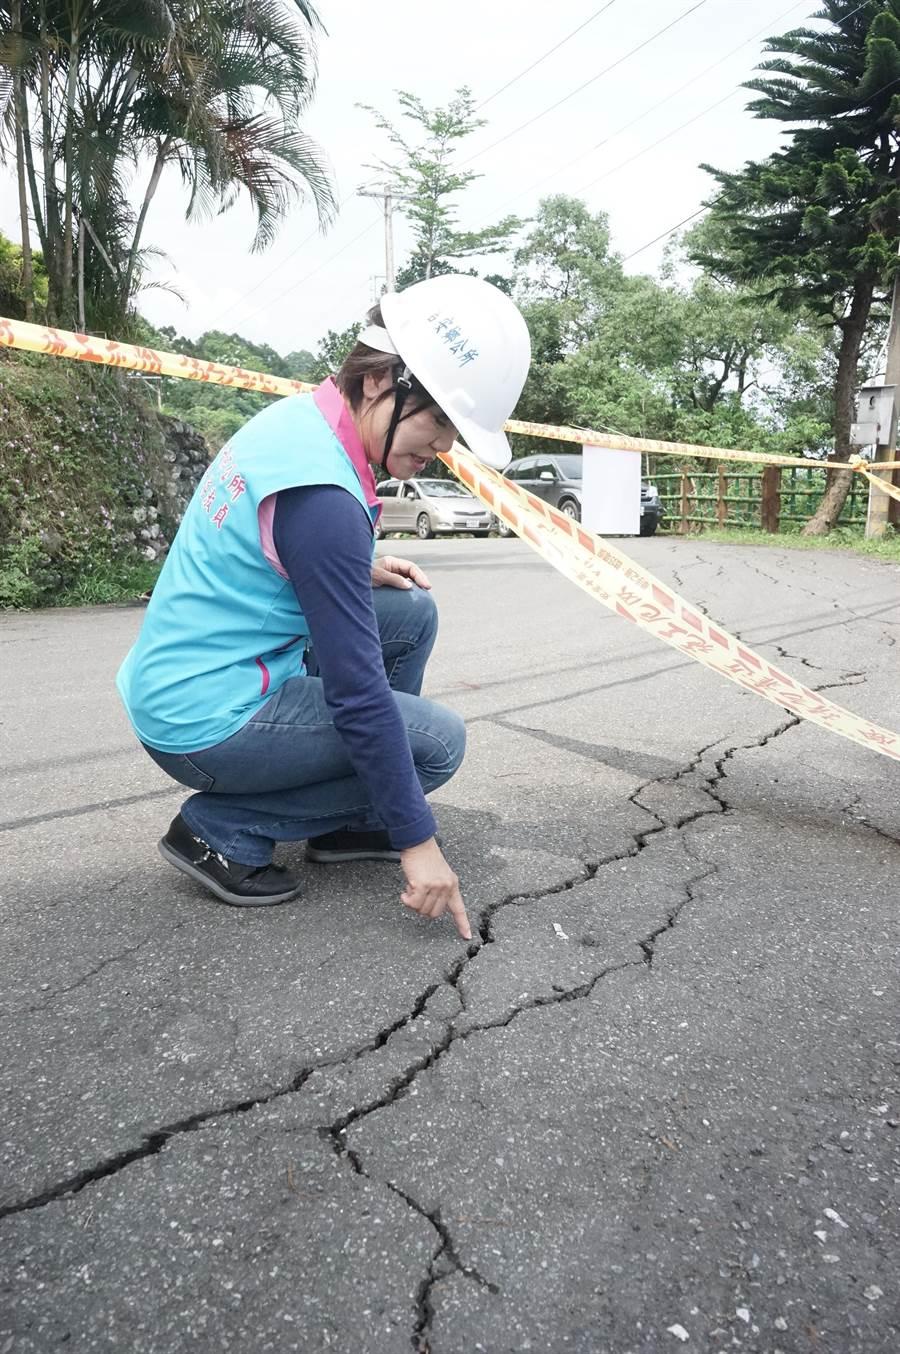 吉安楓林步道第五景觀台因花蓮強震受損,部分地磚、欄杆崩落,路面也出現大面積龜裂。(張祈攝)